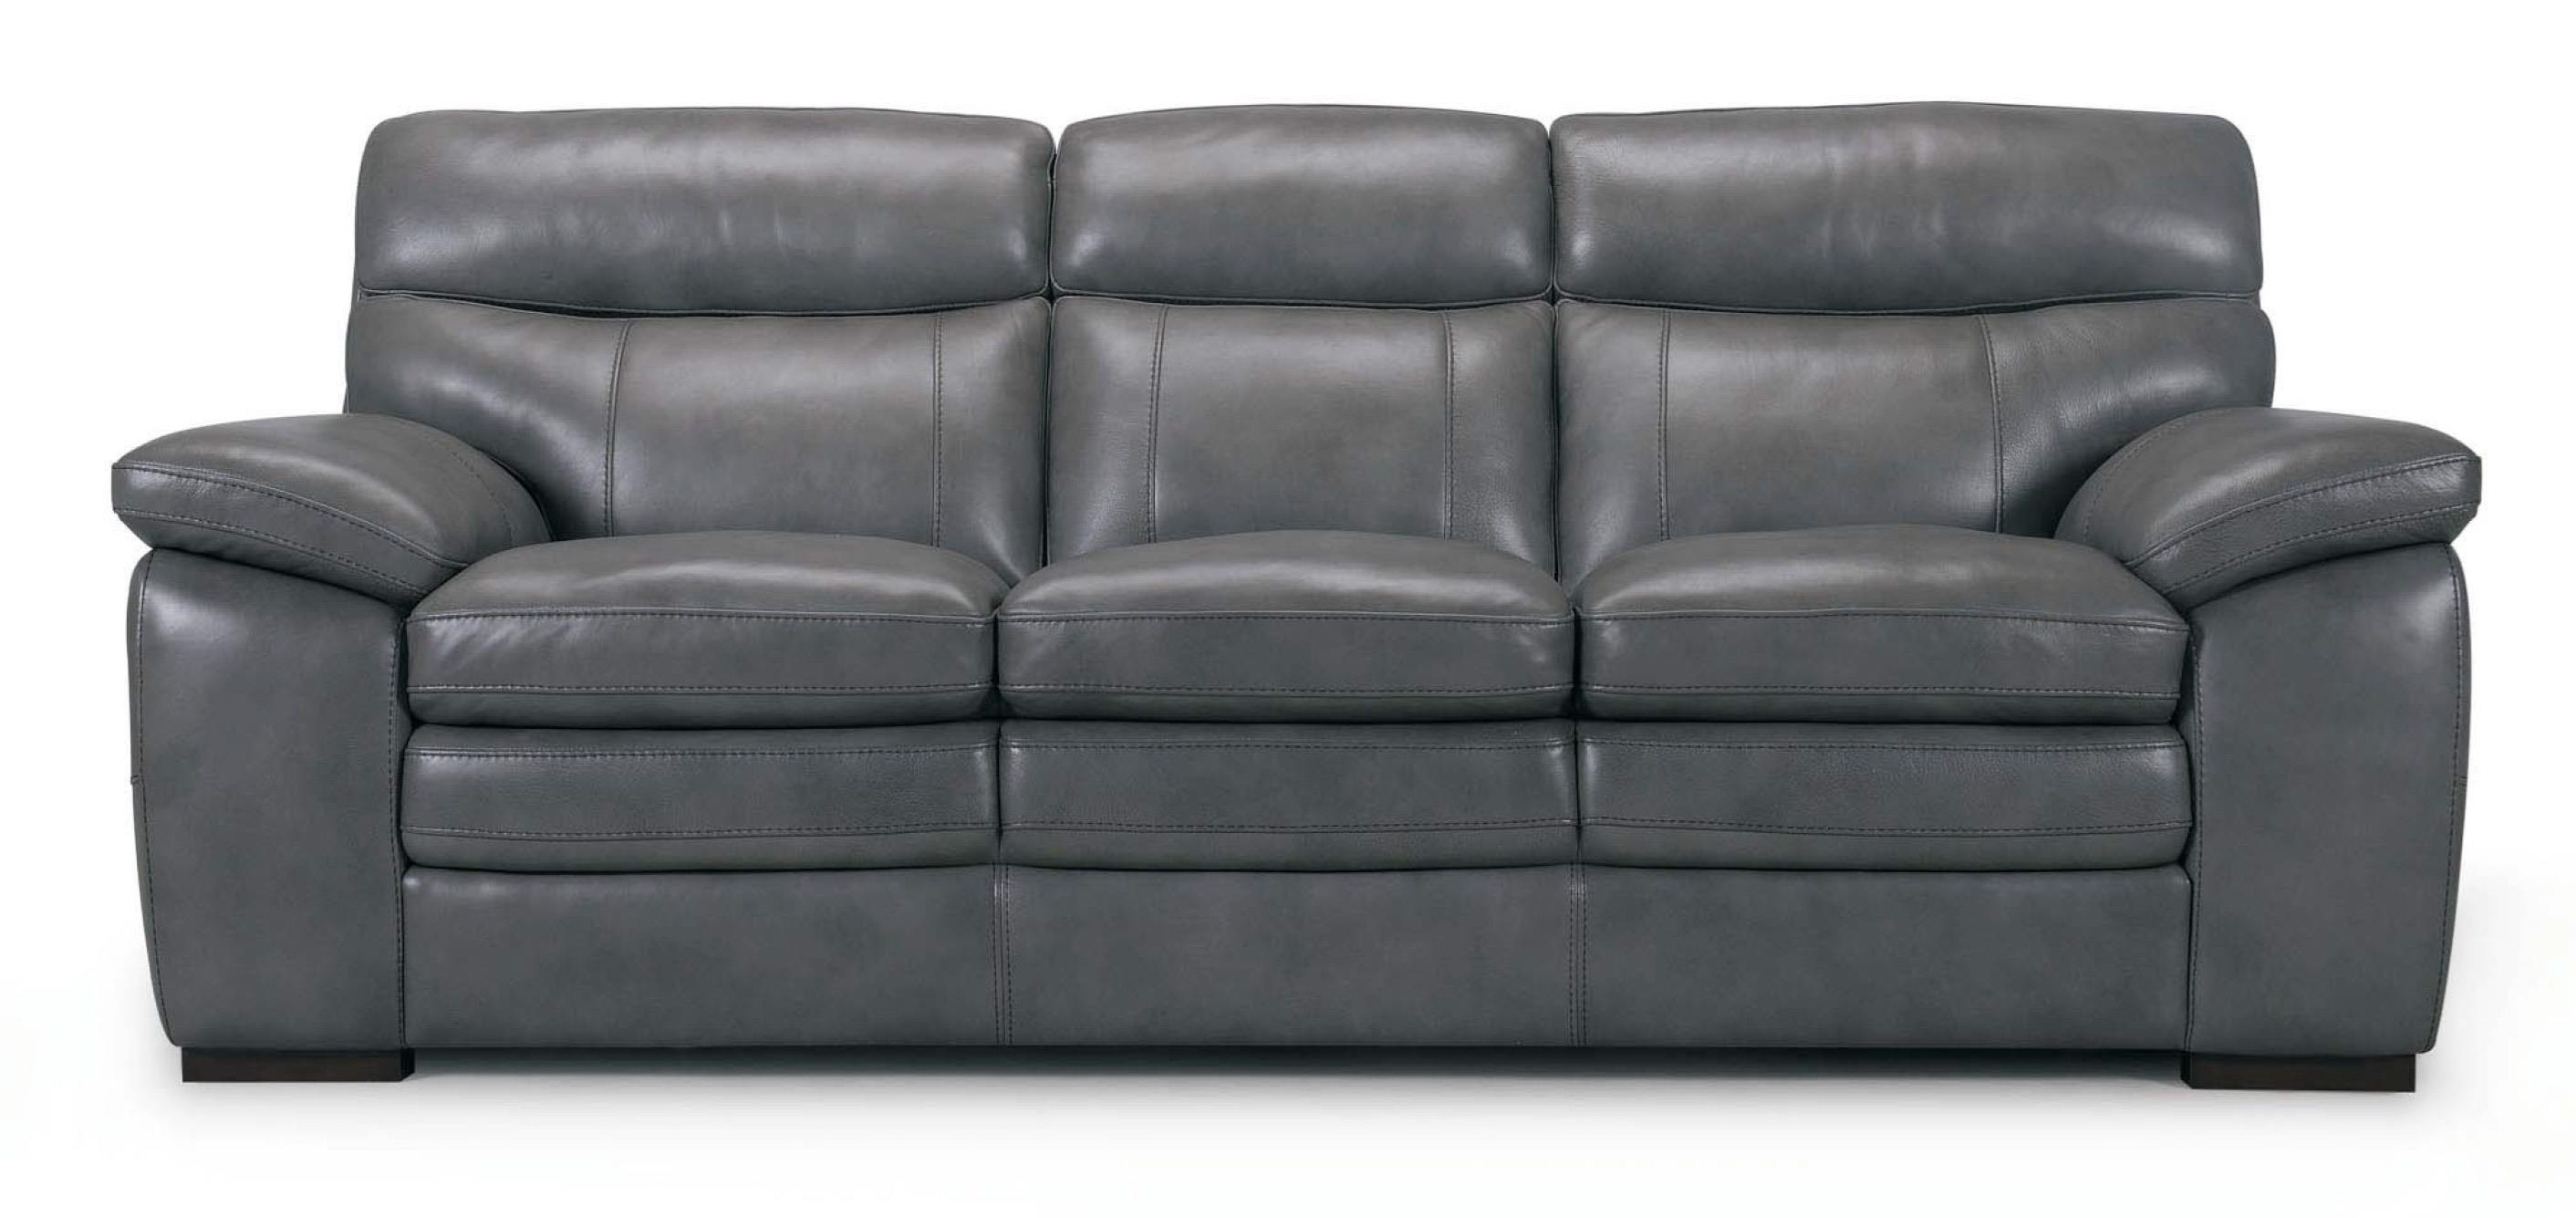 violino 3658 3658 3p leather sofa dunk bright furniture sofa rh dunkandbright com violino leather sofas for sale in california violino leather sofa for sale